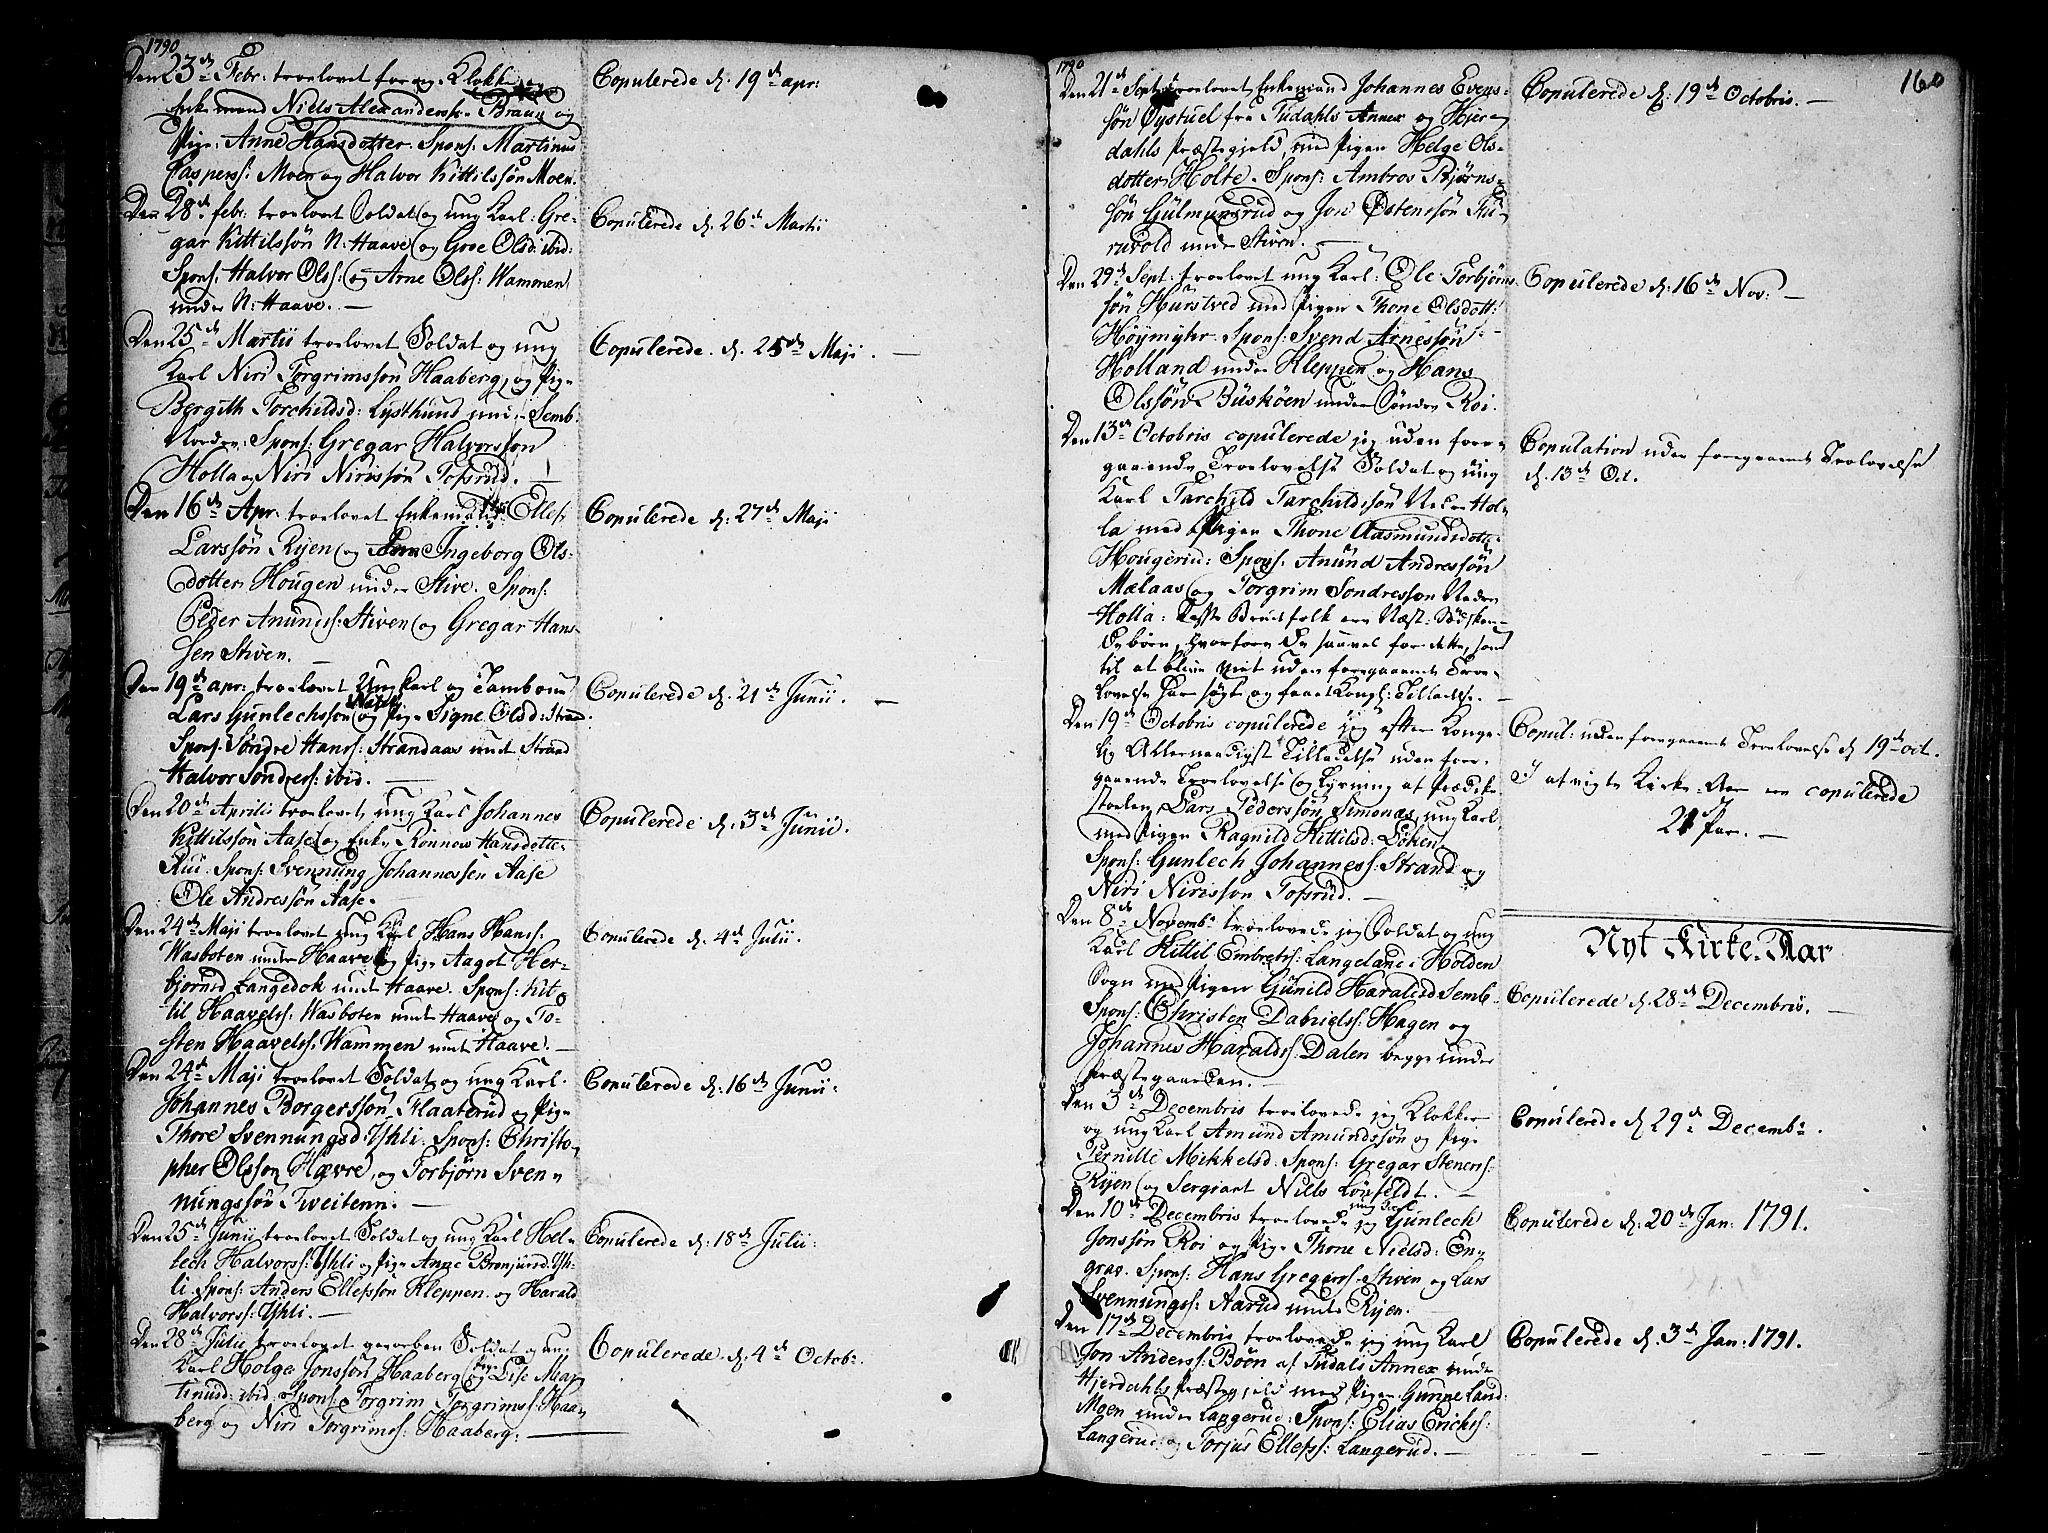 SAKO, Heddal kirkebøker, F/Fa/L0004: Ministerialbok nr. I 4, 1784-1814, s. 160